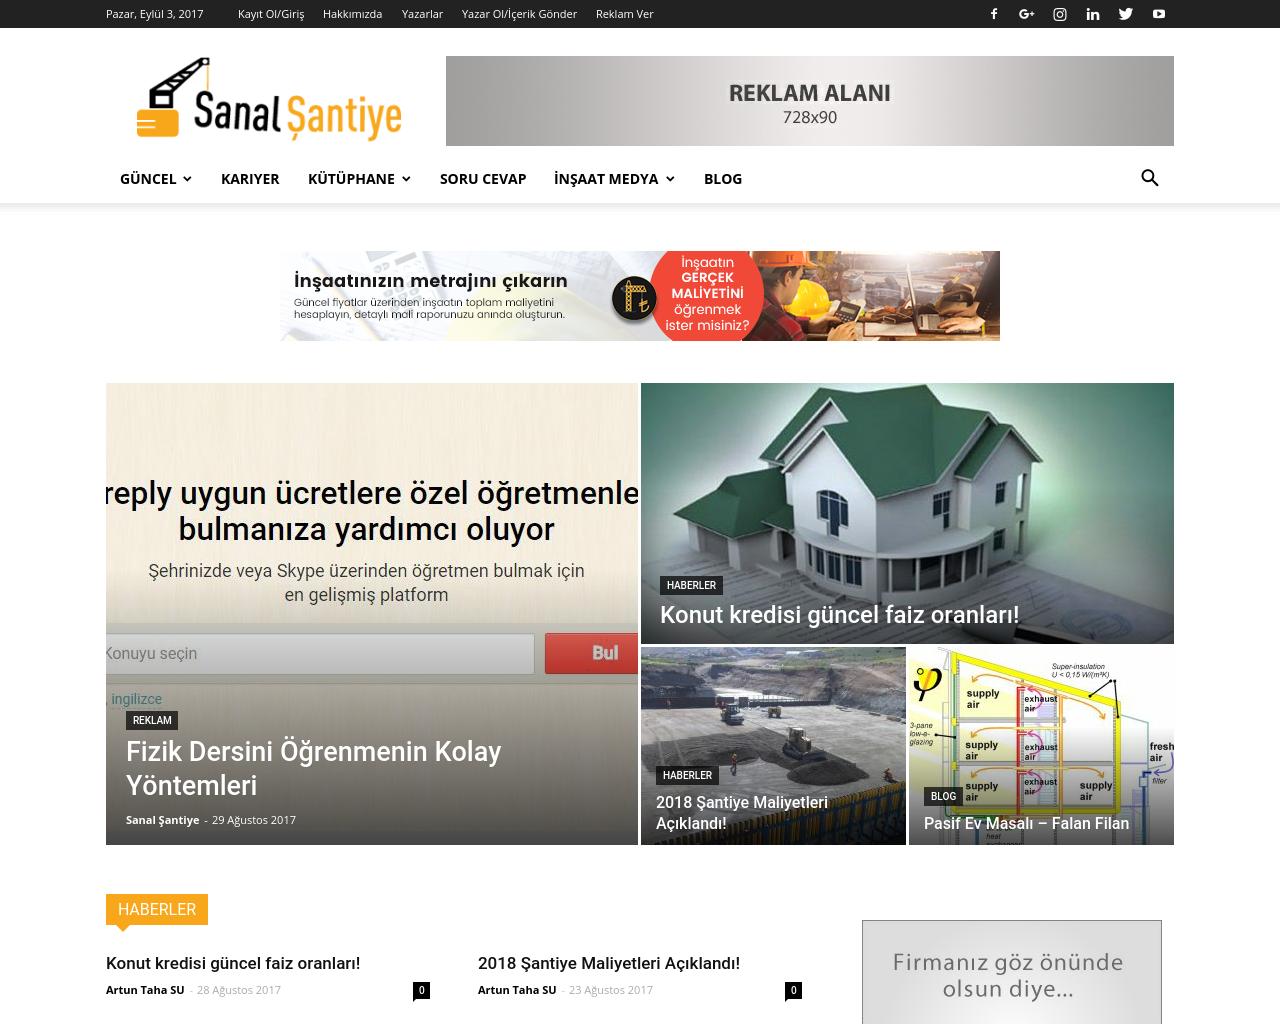 Sanal-Santiye-Advertising-Reviews-Pricing